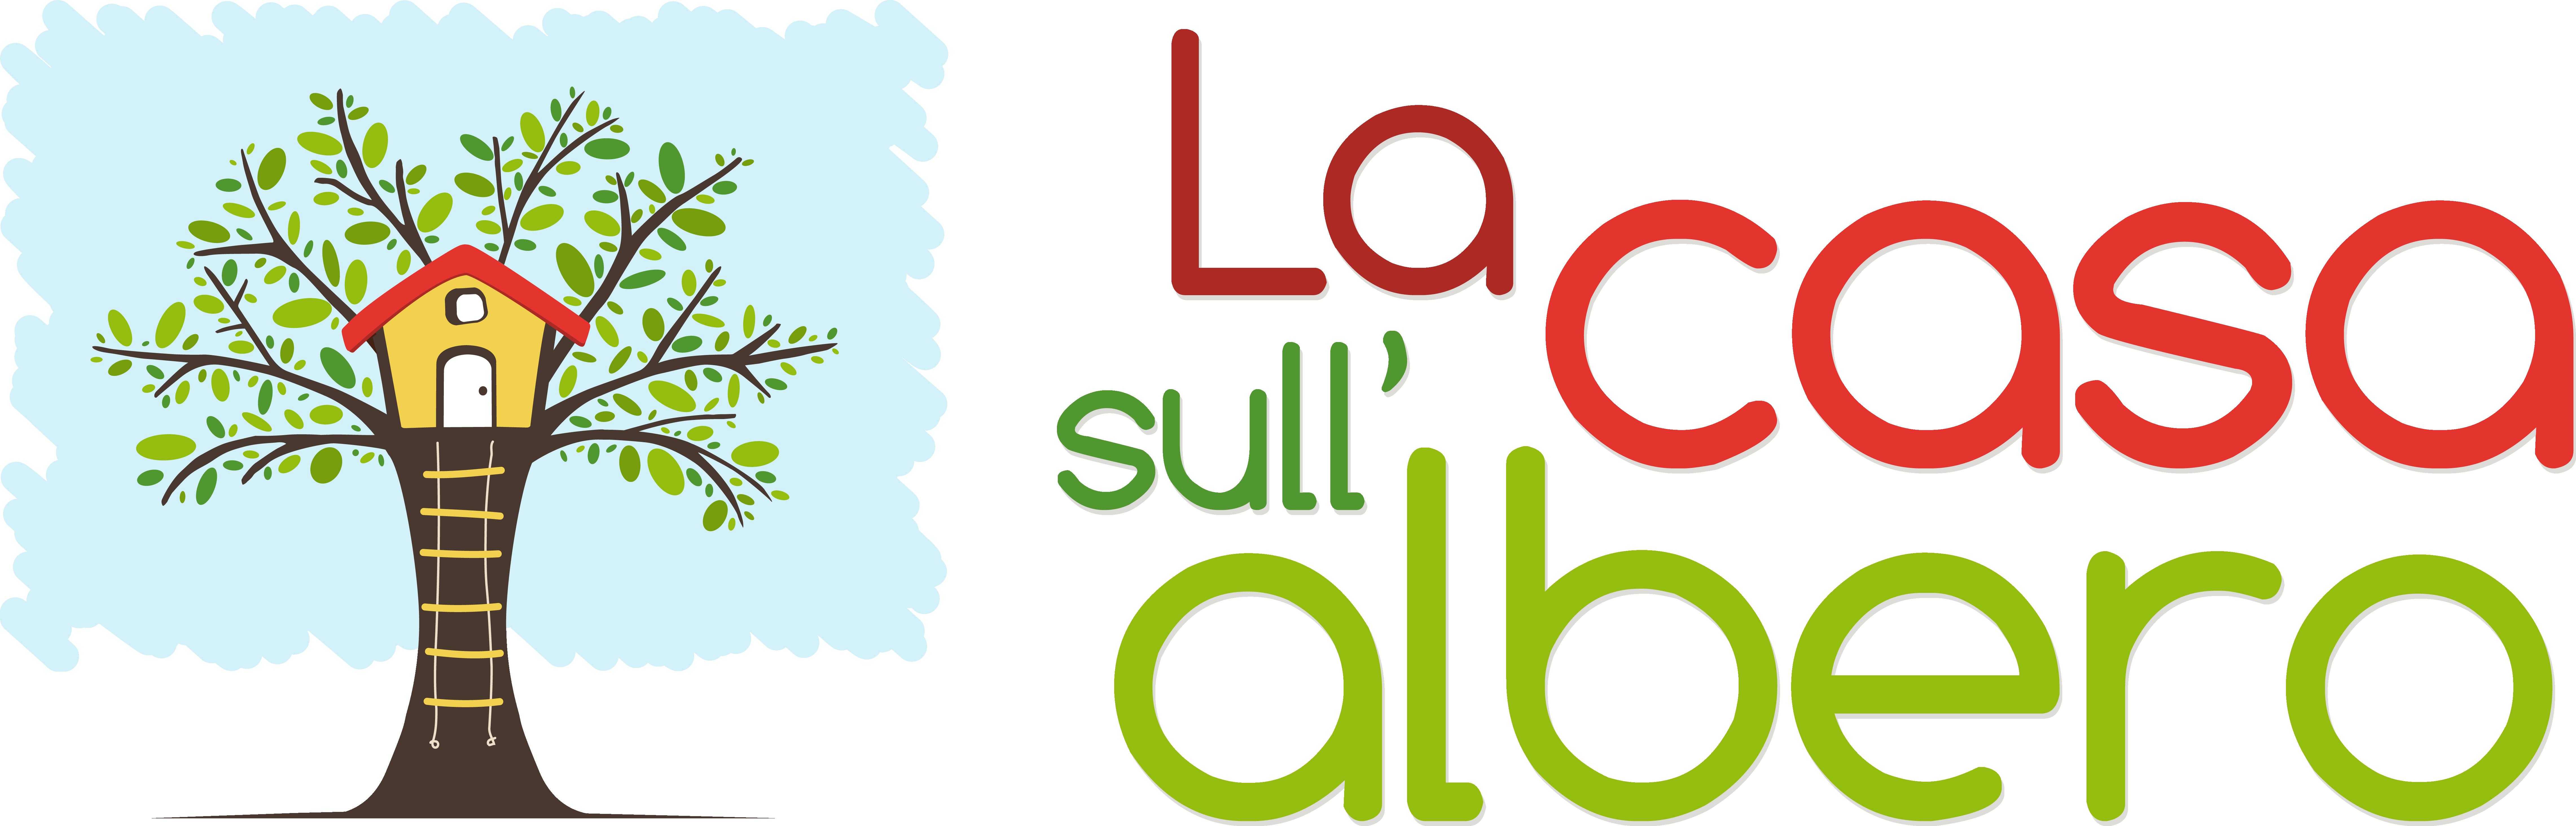 LOGO_Casa-sull-albero_ORIZZONTALE_A_2